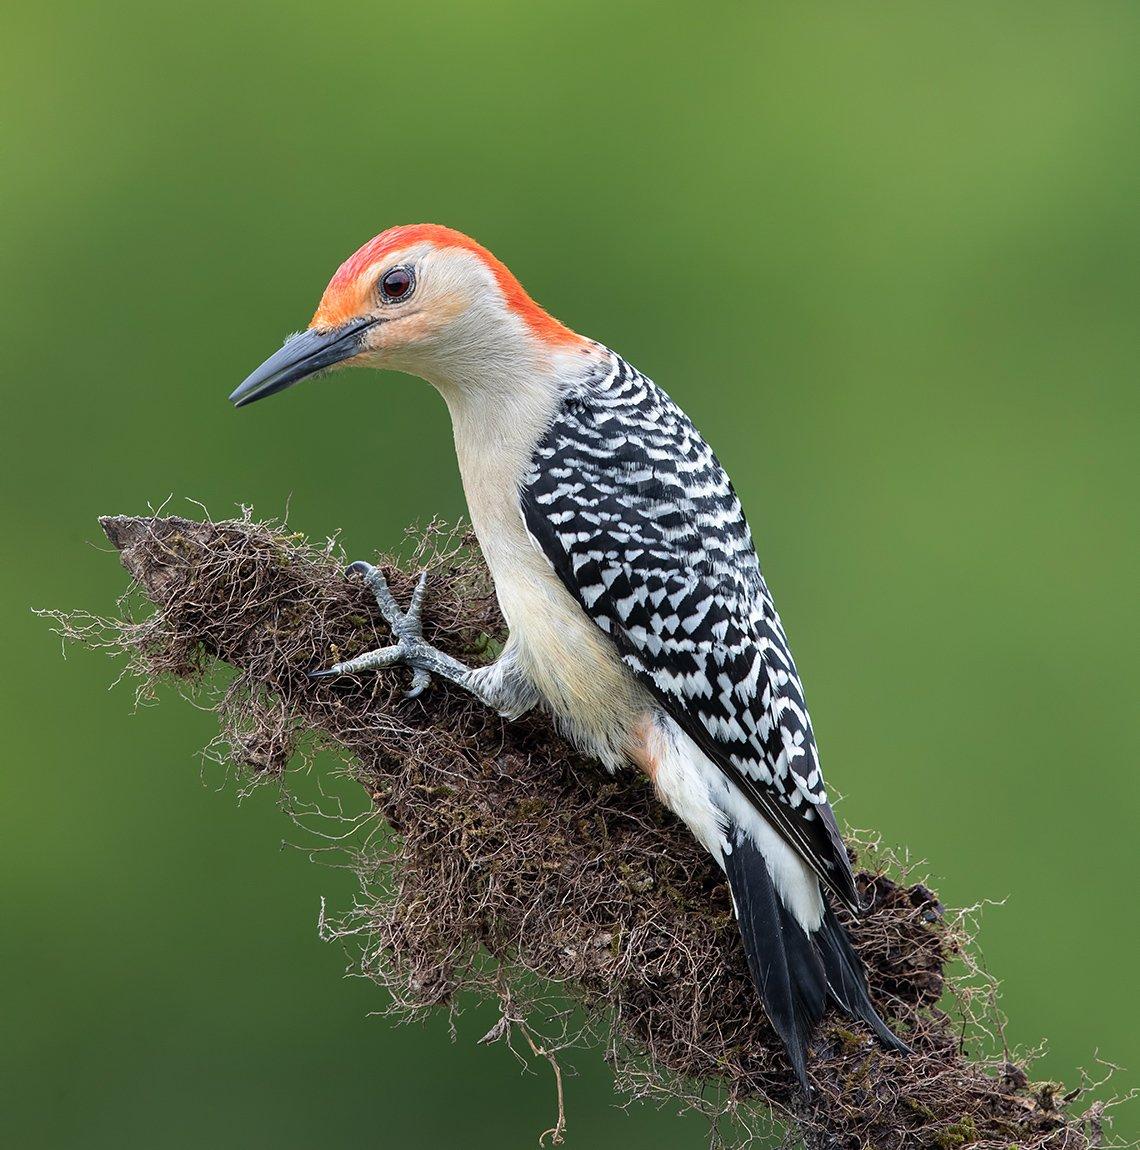 дятел, каролинский меланерпес, red-bellied woodpecker, woodpecker, Elizabeth E